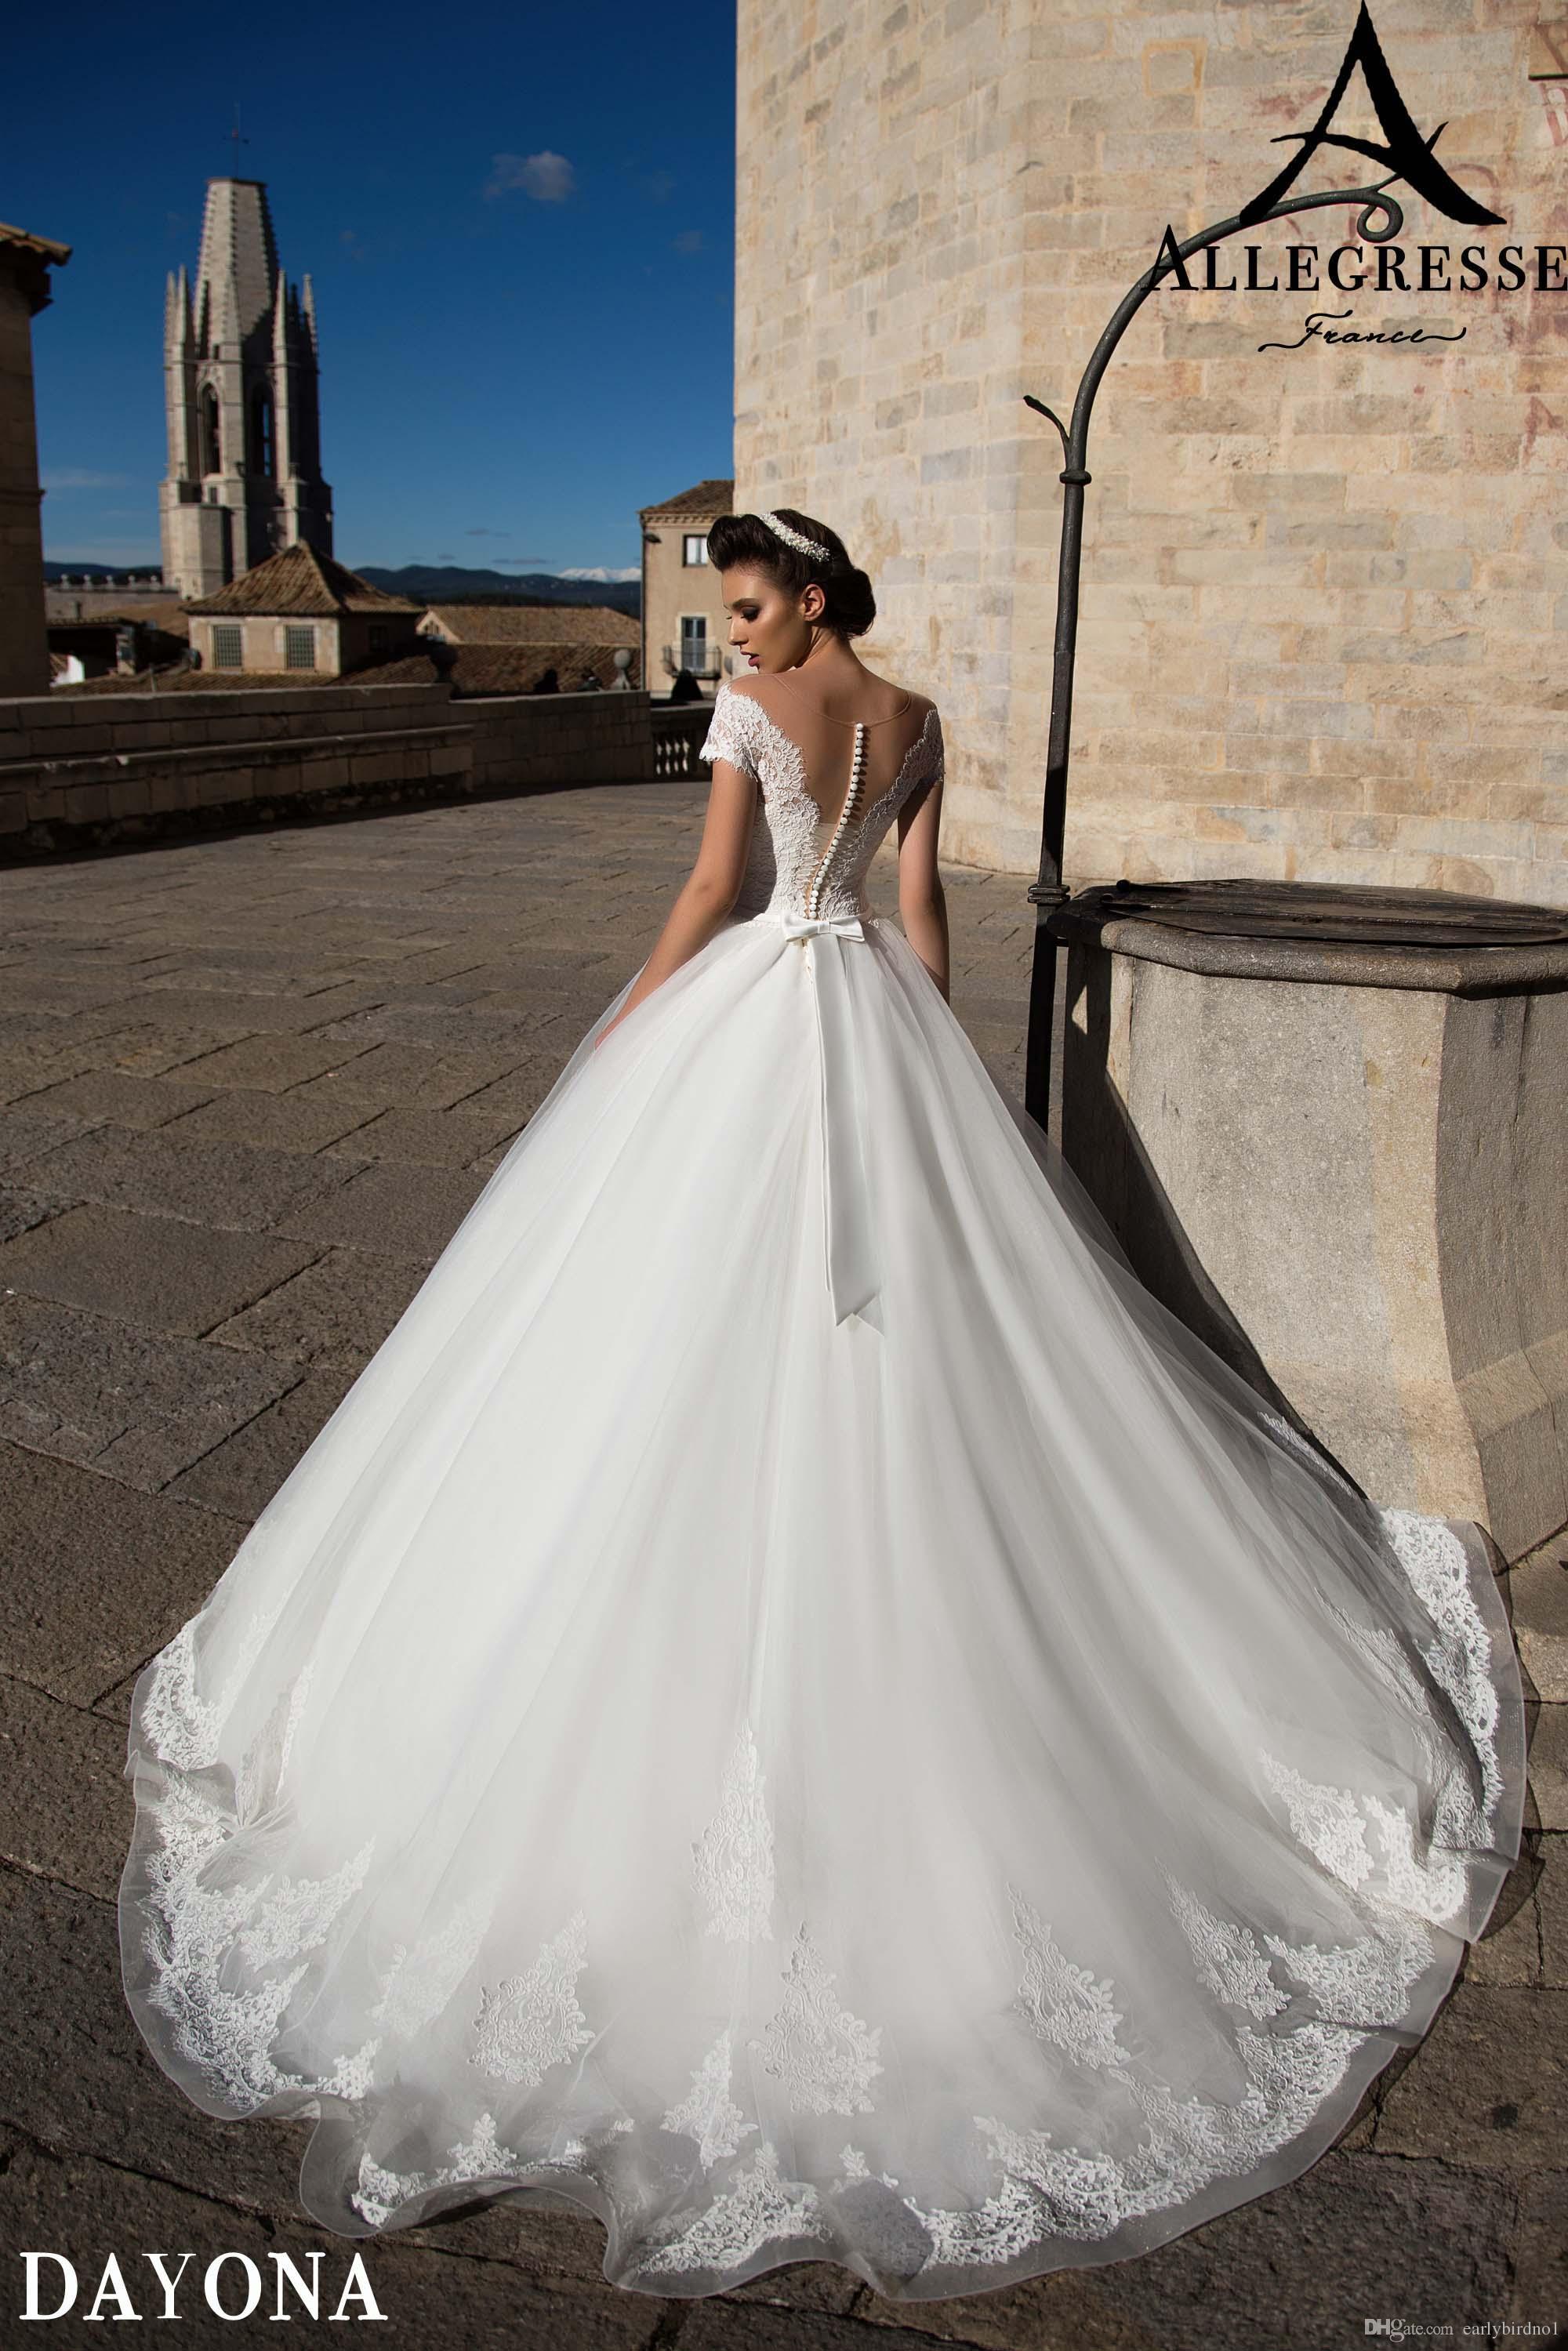 Mais novo Branco A Linha de Vestidos de Casamento Rendas Tule Mangas Curtas Sheer Scoop Pescoço Apliques Vestidos De Casamento Com Botão de Arco de Trás Da Varredura Do Trem